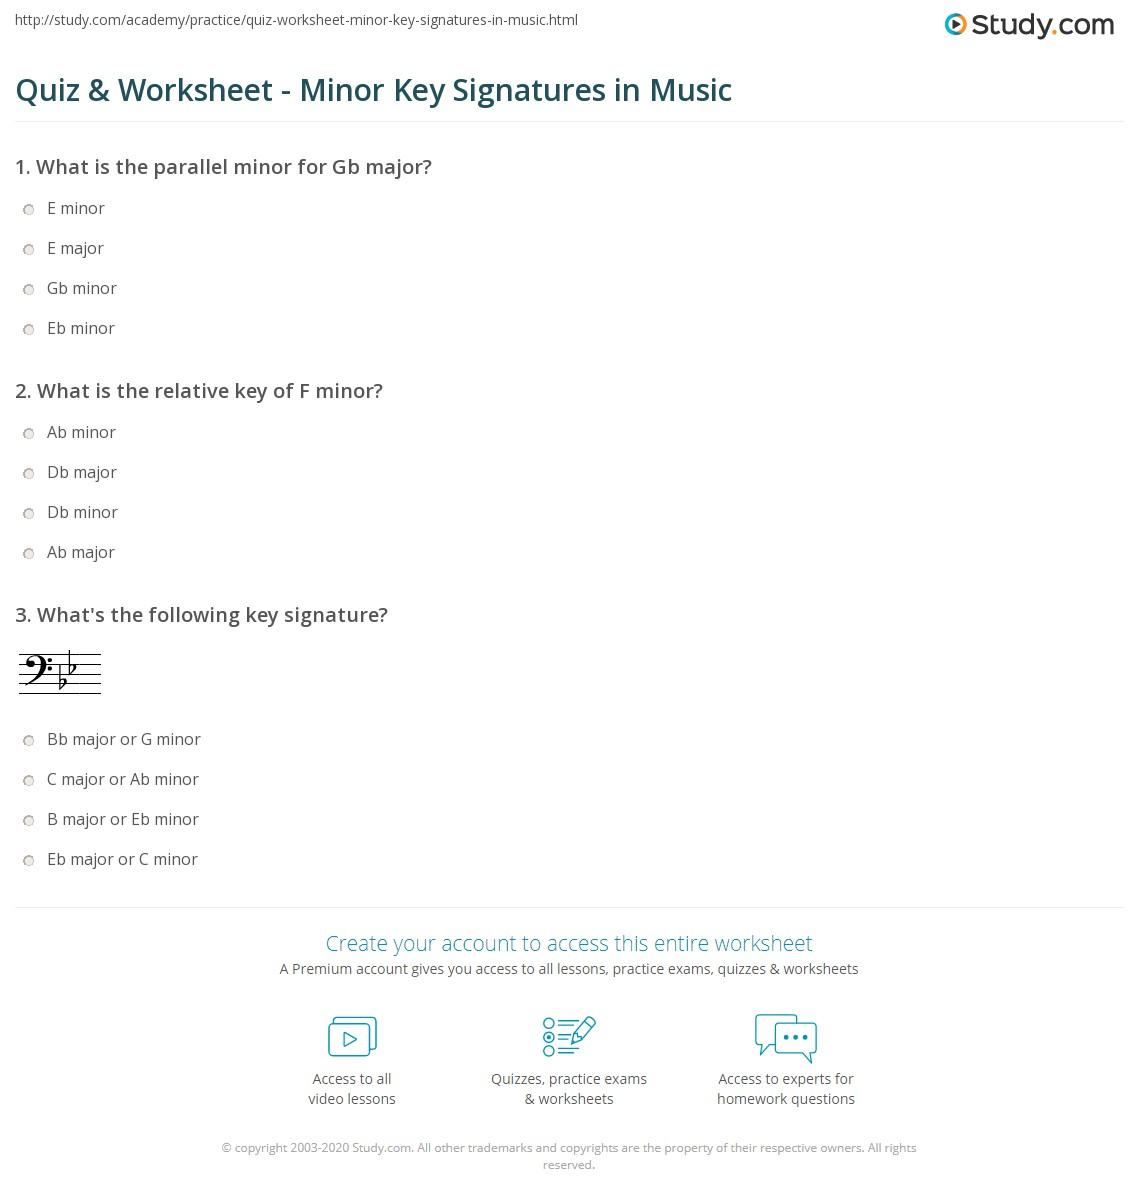 Quiz Worksheet Minor Key Signatures in Music – Key Signatures Worksheet